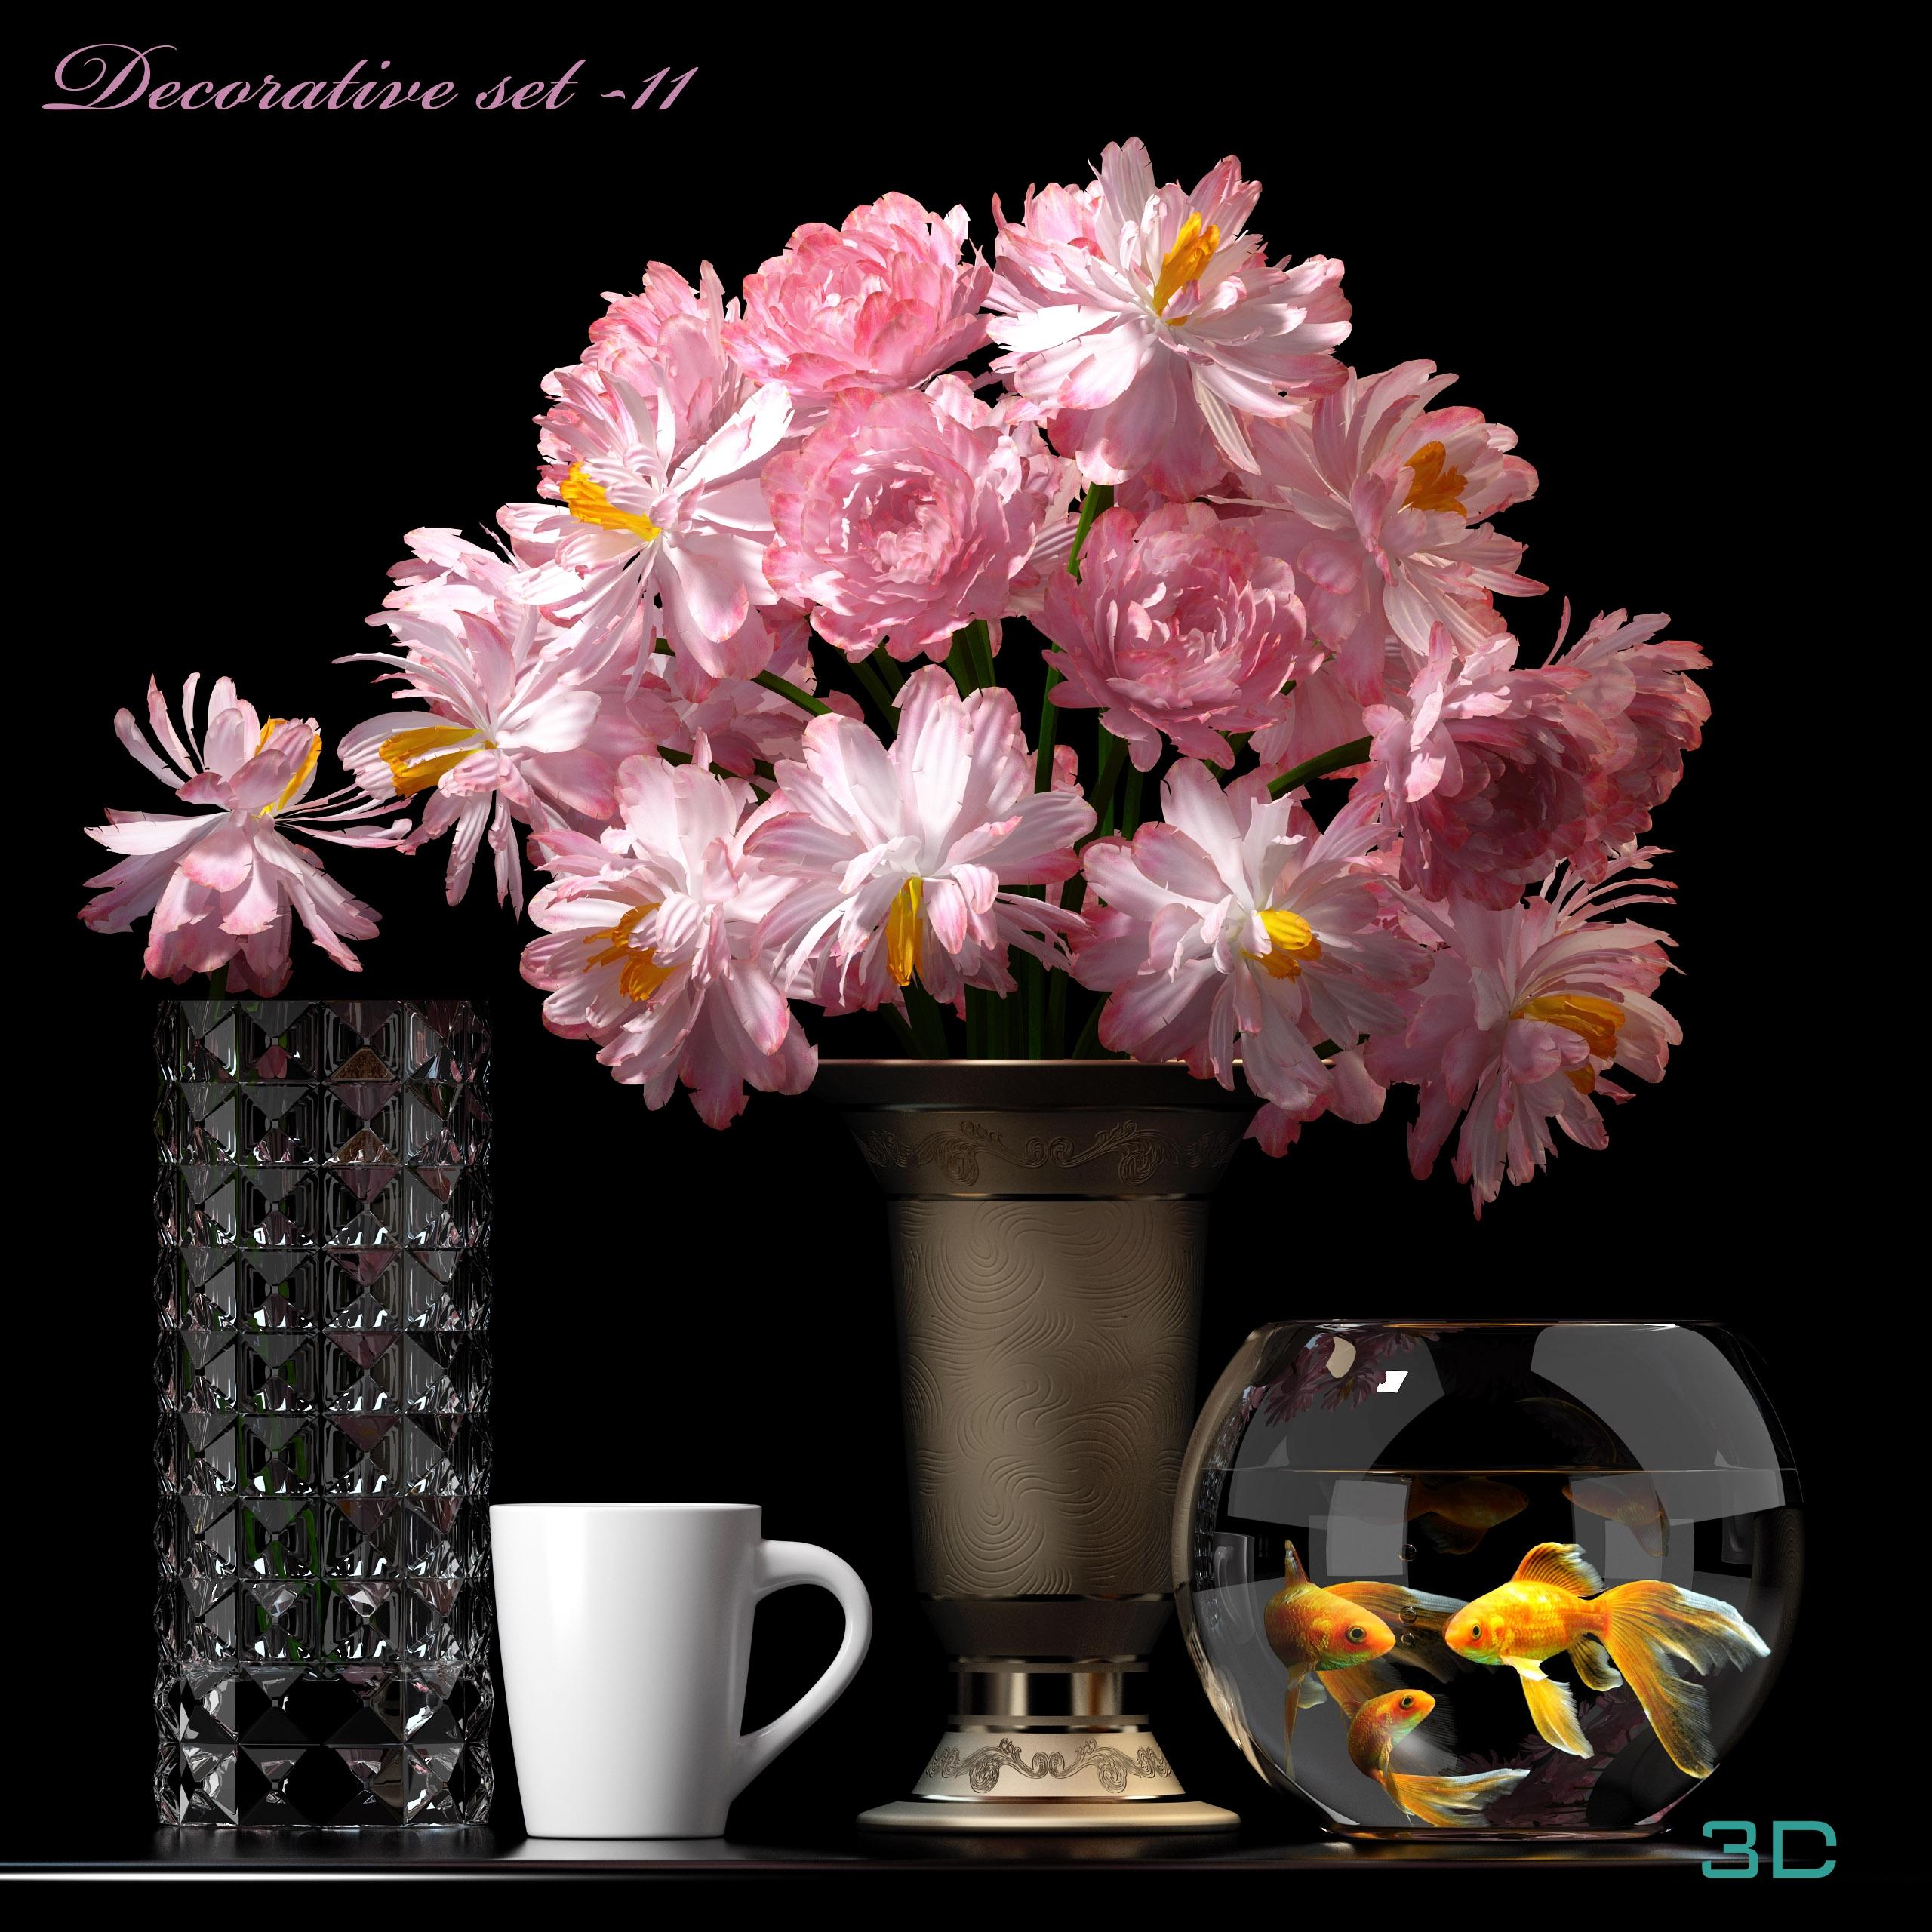 Flower set 3d models 3d mili download 3d model free for Decoration 3d model free download